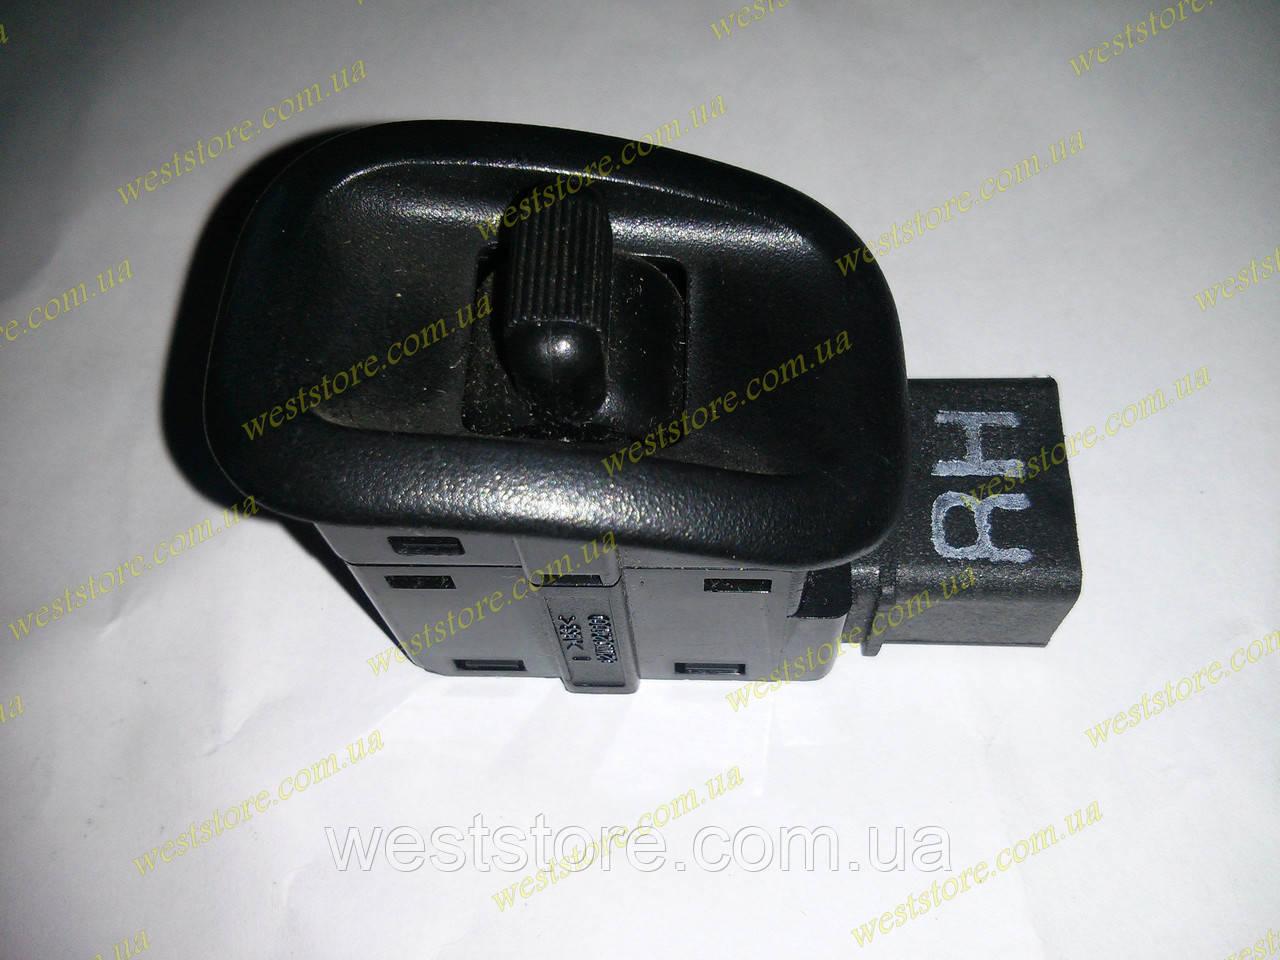 Кнопка стеклоподъемника заднего правого Ланос,Сенс,Lanos Sens GM 96242534